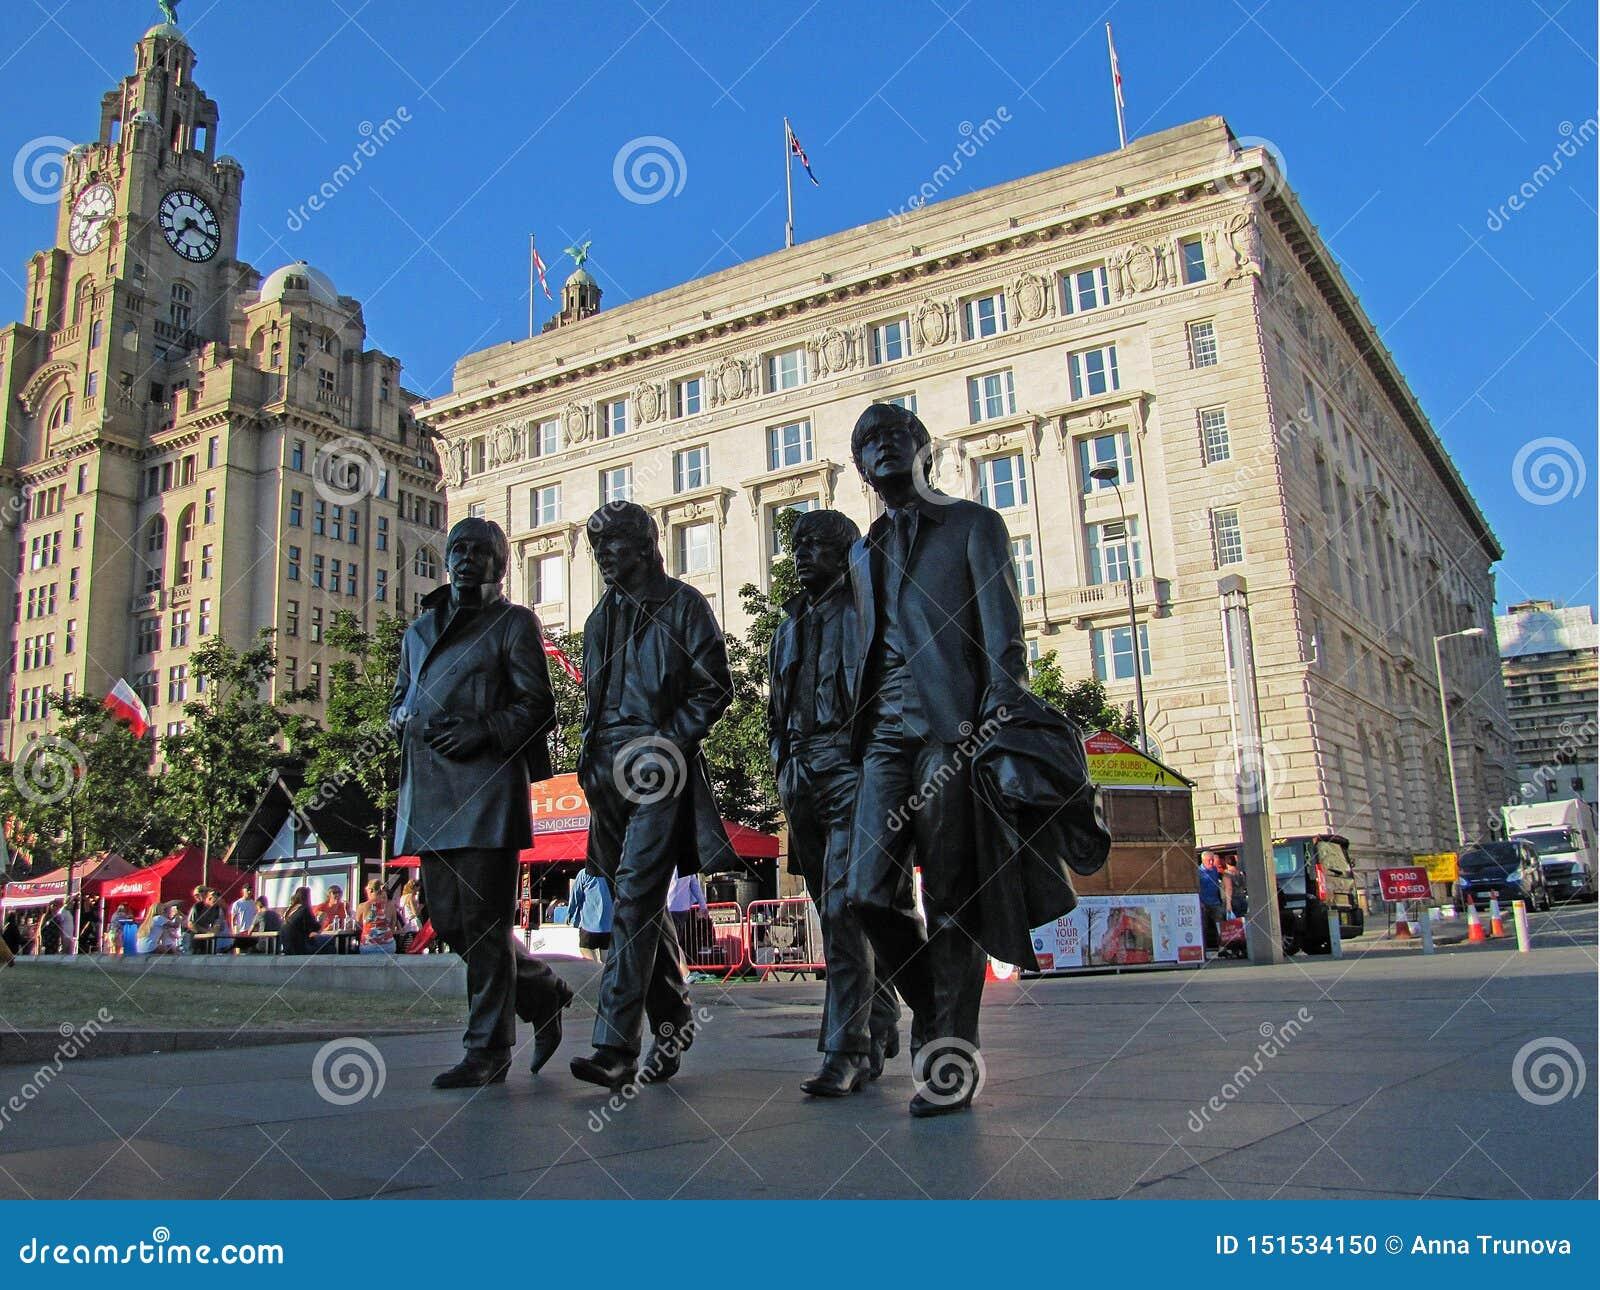 Estátua de bronze que representa o Beatles que anda ao longo da rua em Liverpool